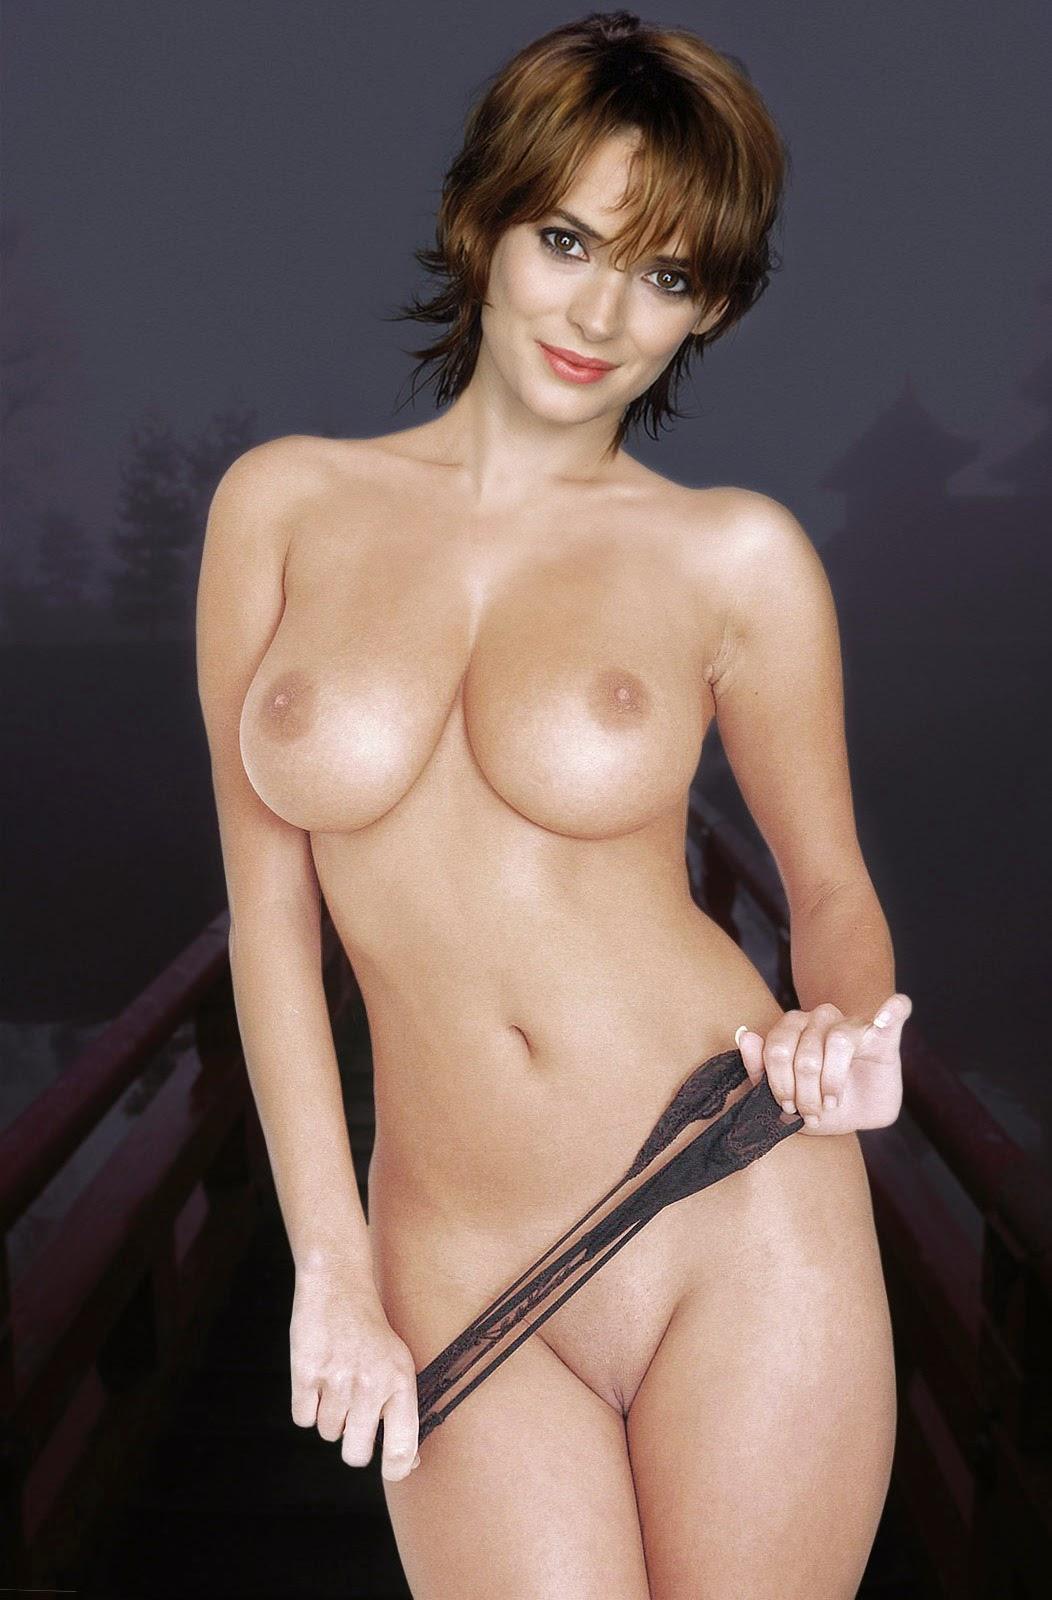 Wynona ryder naked nude video